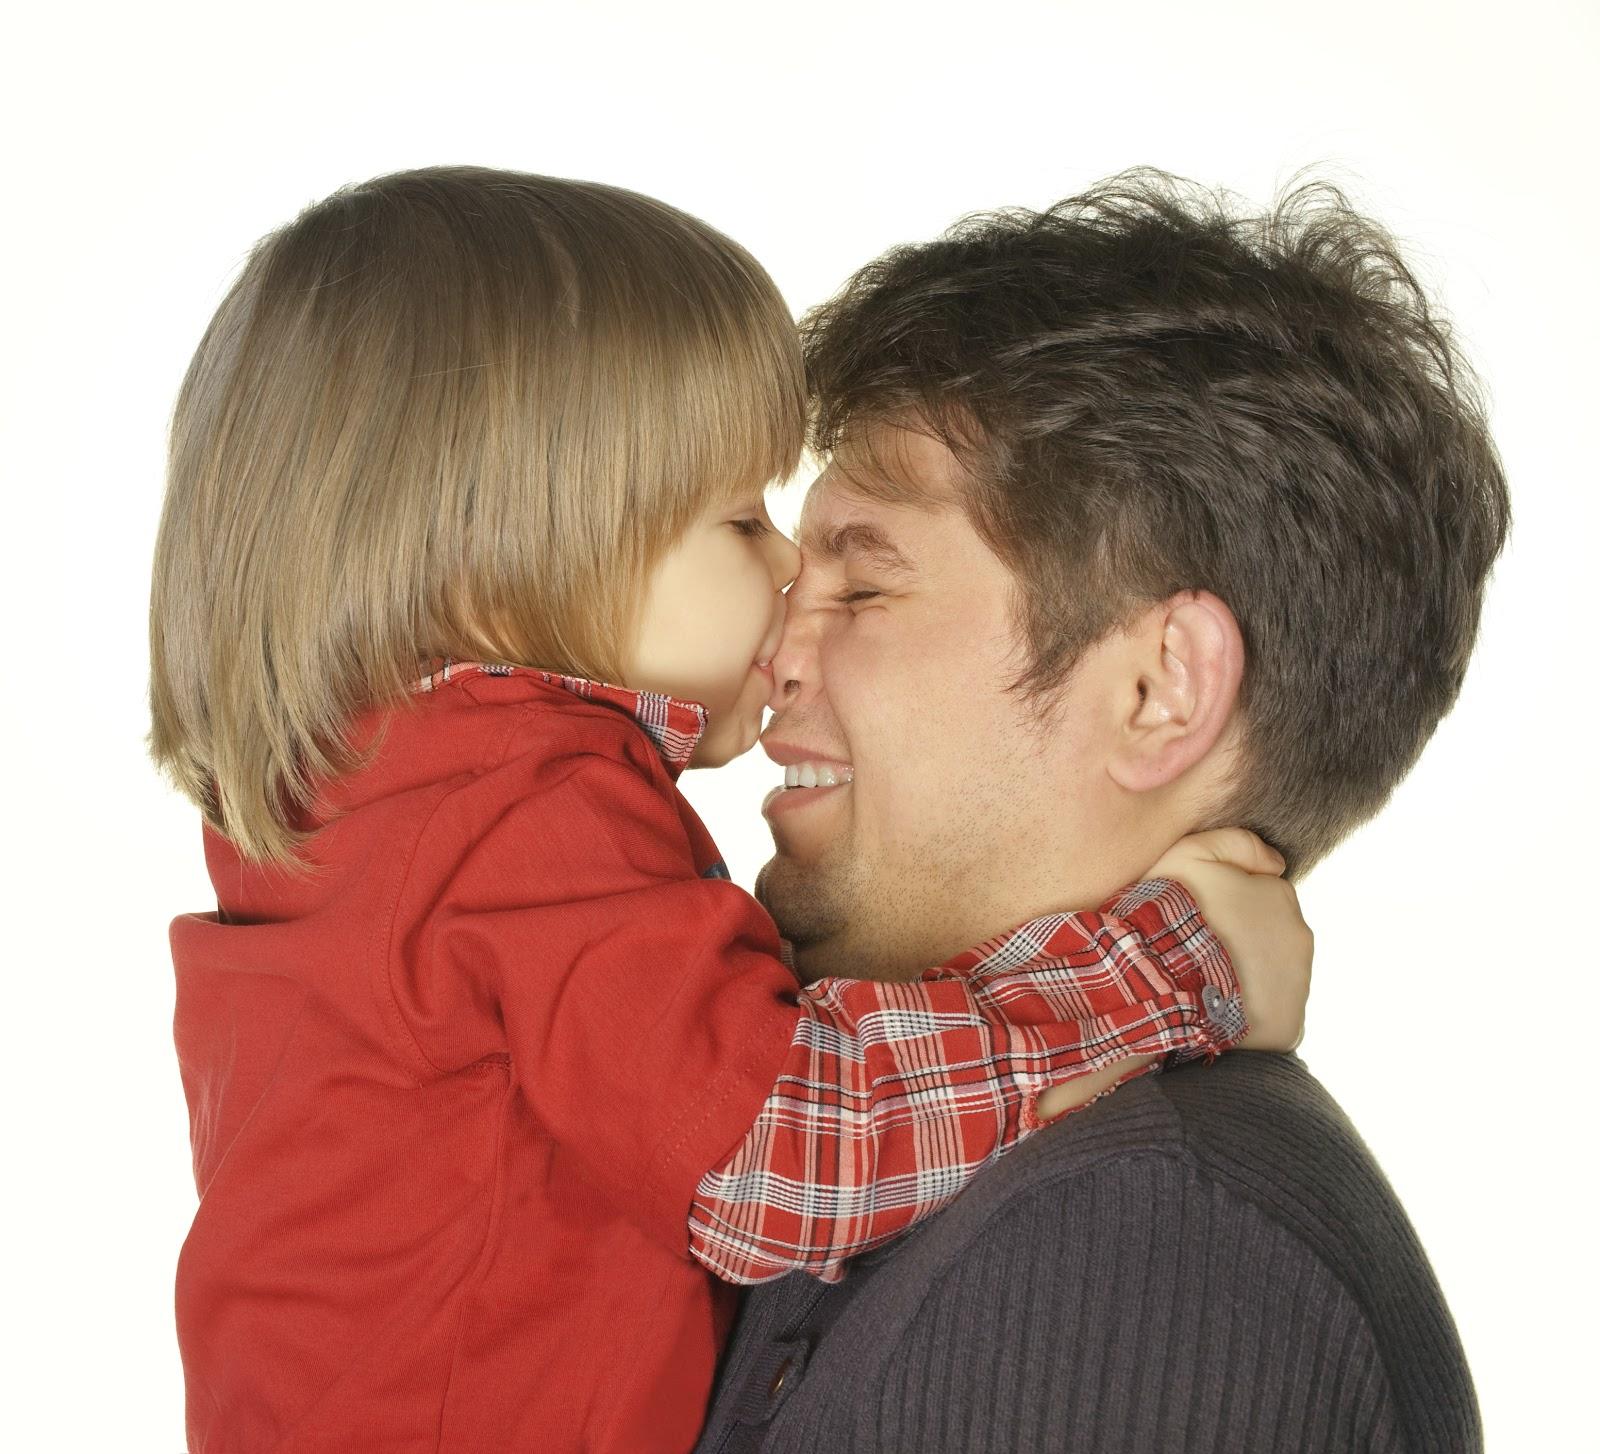 Сын целует член отца 20 фотография